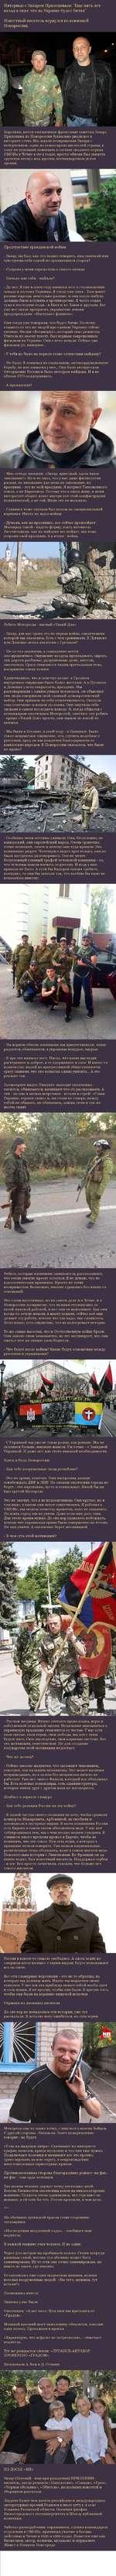 """Интервью с Захаром Прилепиным: """"Еще пять лет назад я знал, что на Украине будет битва"""" Известный писатель вернулся из воюющей Новороссии. э Короткие, почти ежедневные фронтовые заметки Захара Прилепина из Новороссии буквально рвали все в интернет-сетях. Мы ждали возвращения Захара с нетерпением:"""